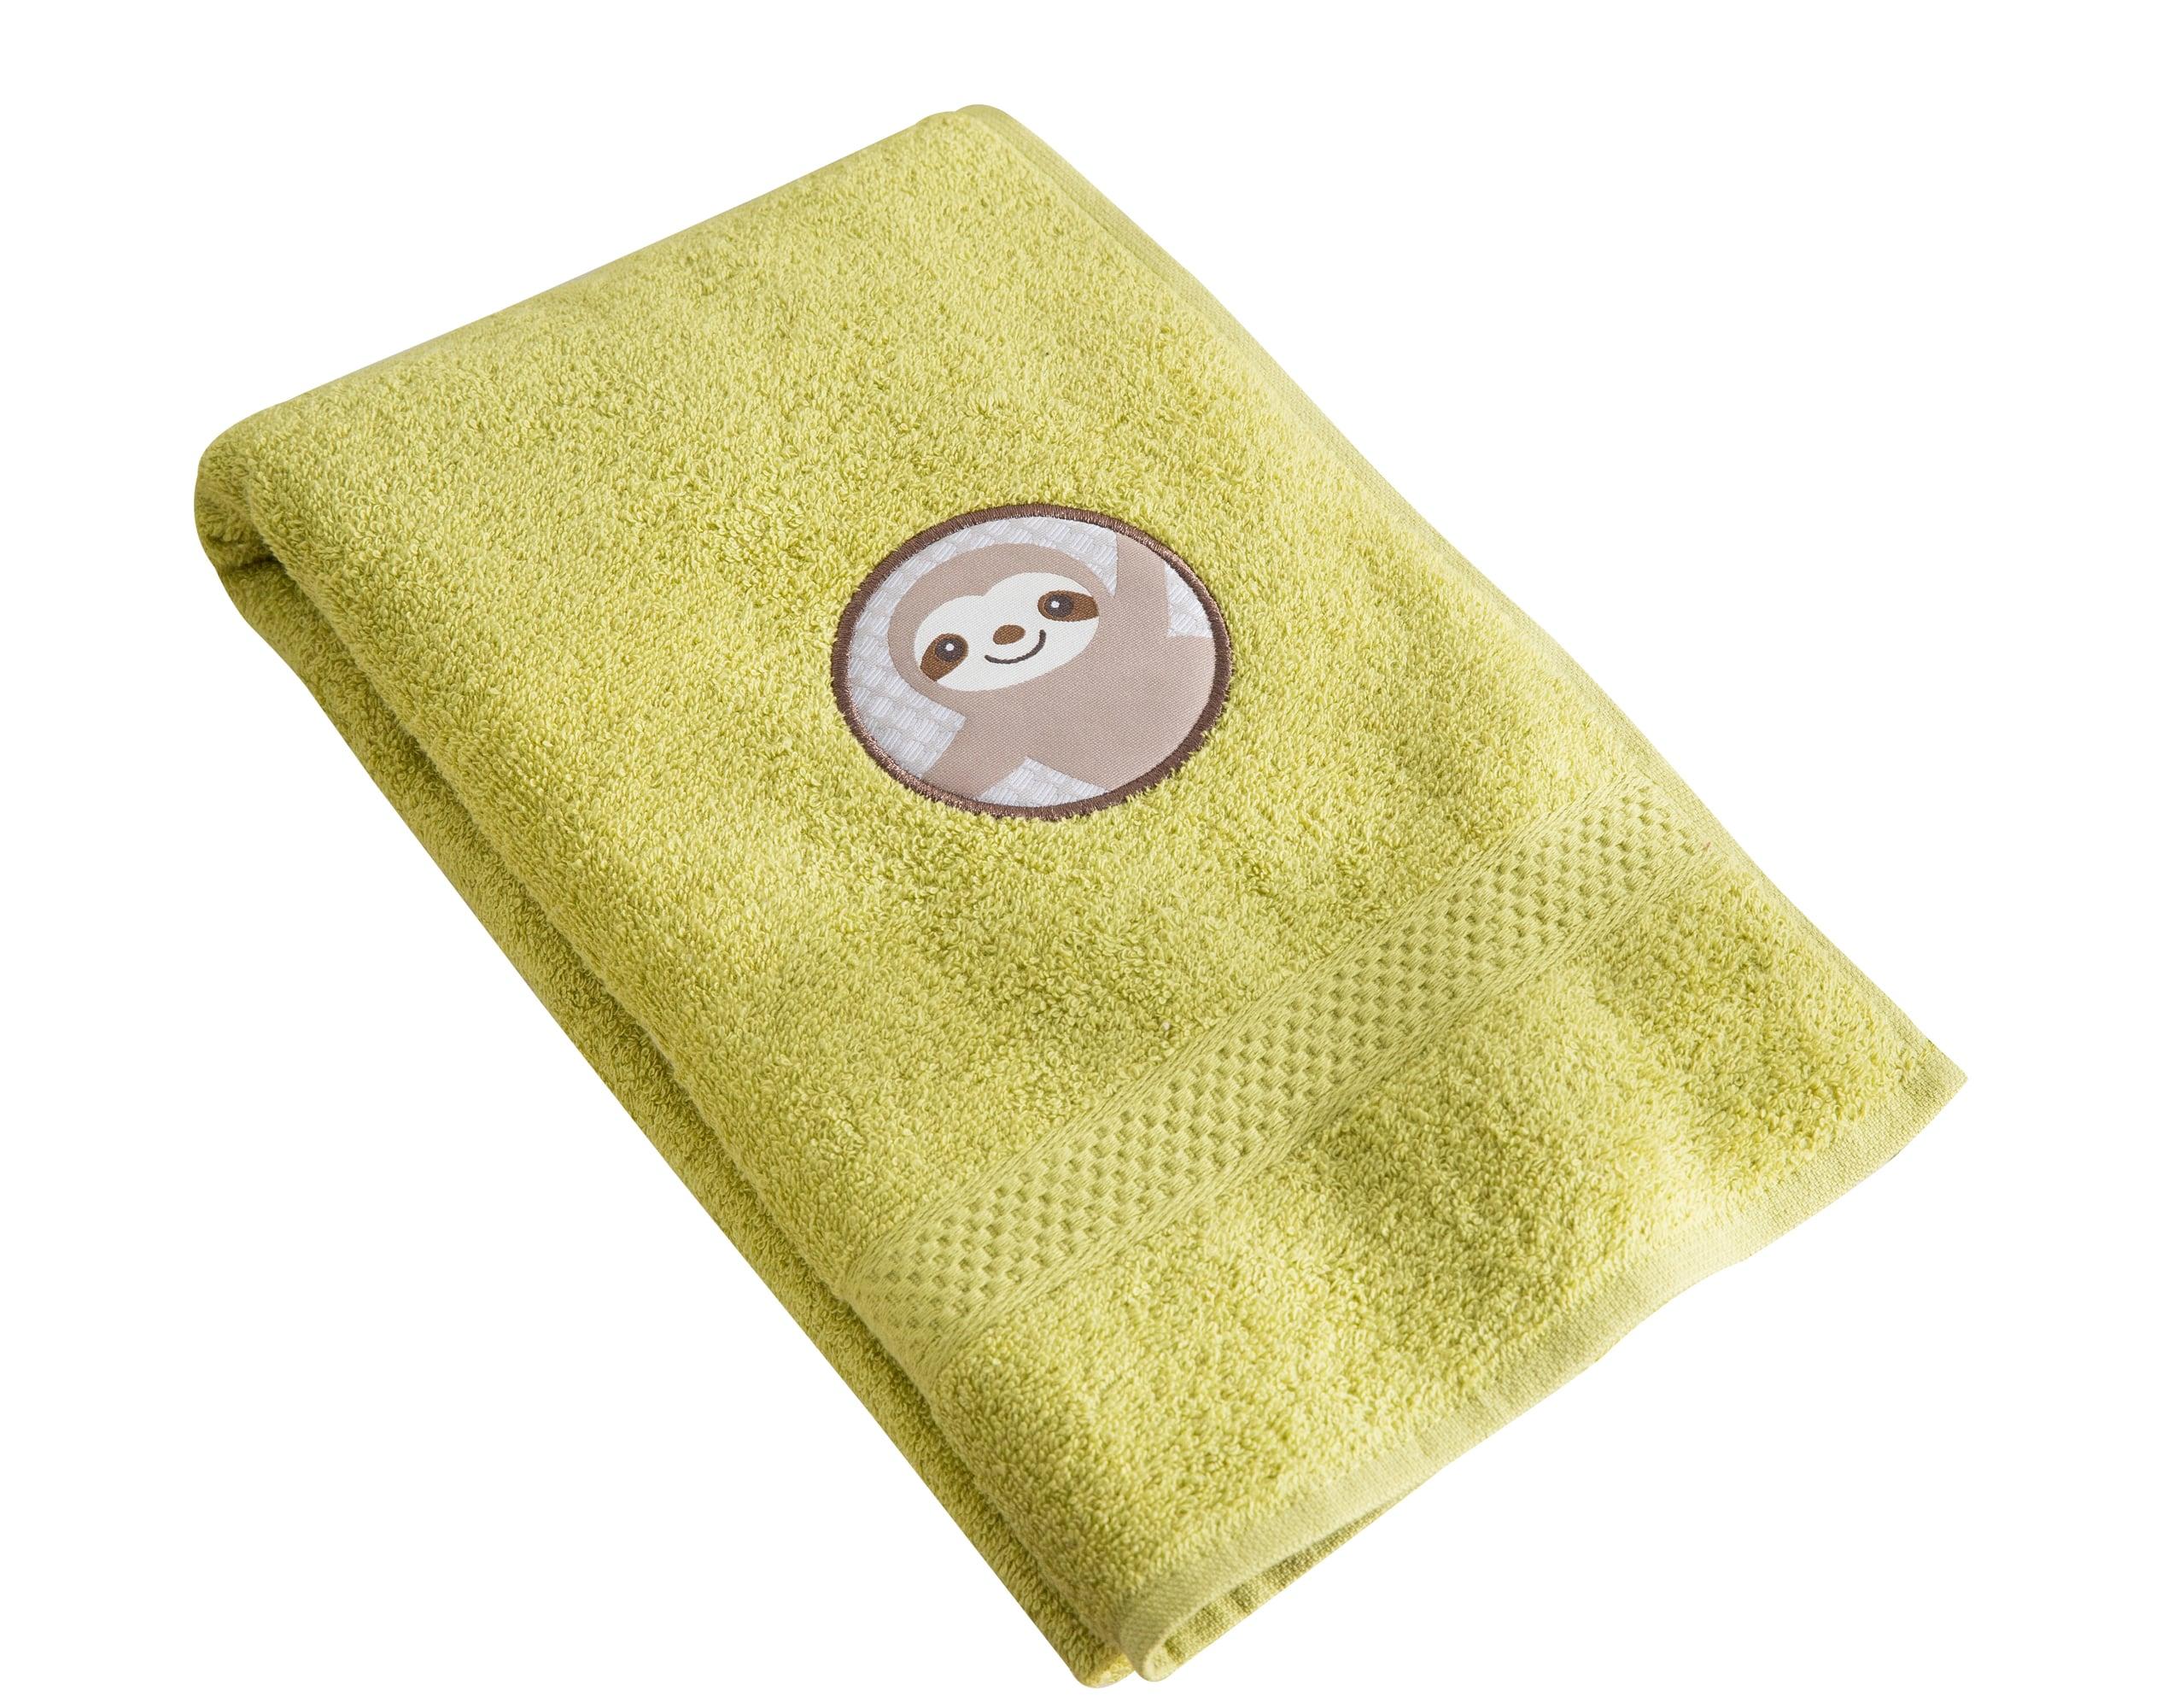 Serviette de bain enfant vert 70x130 en coton